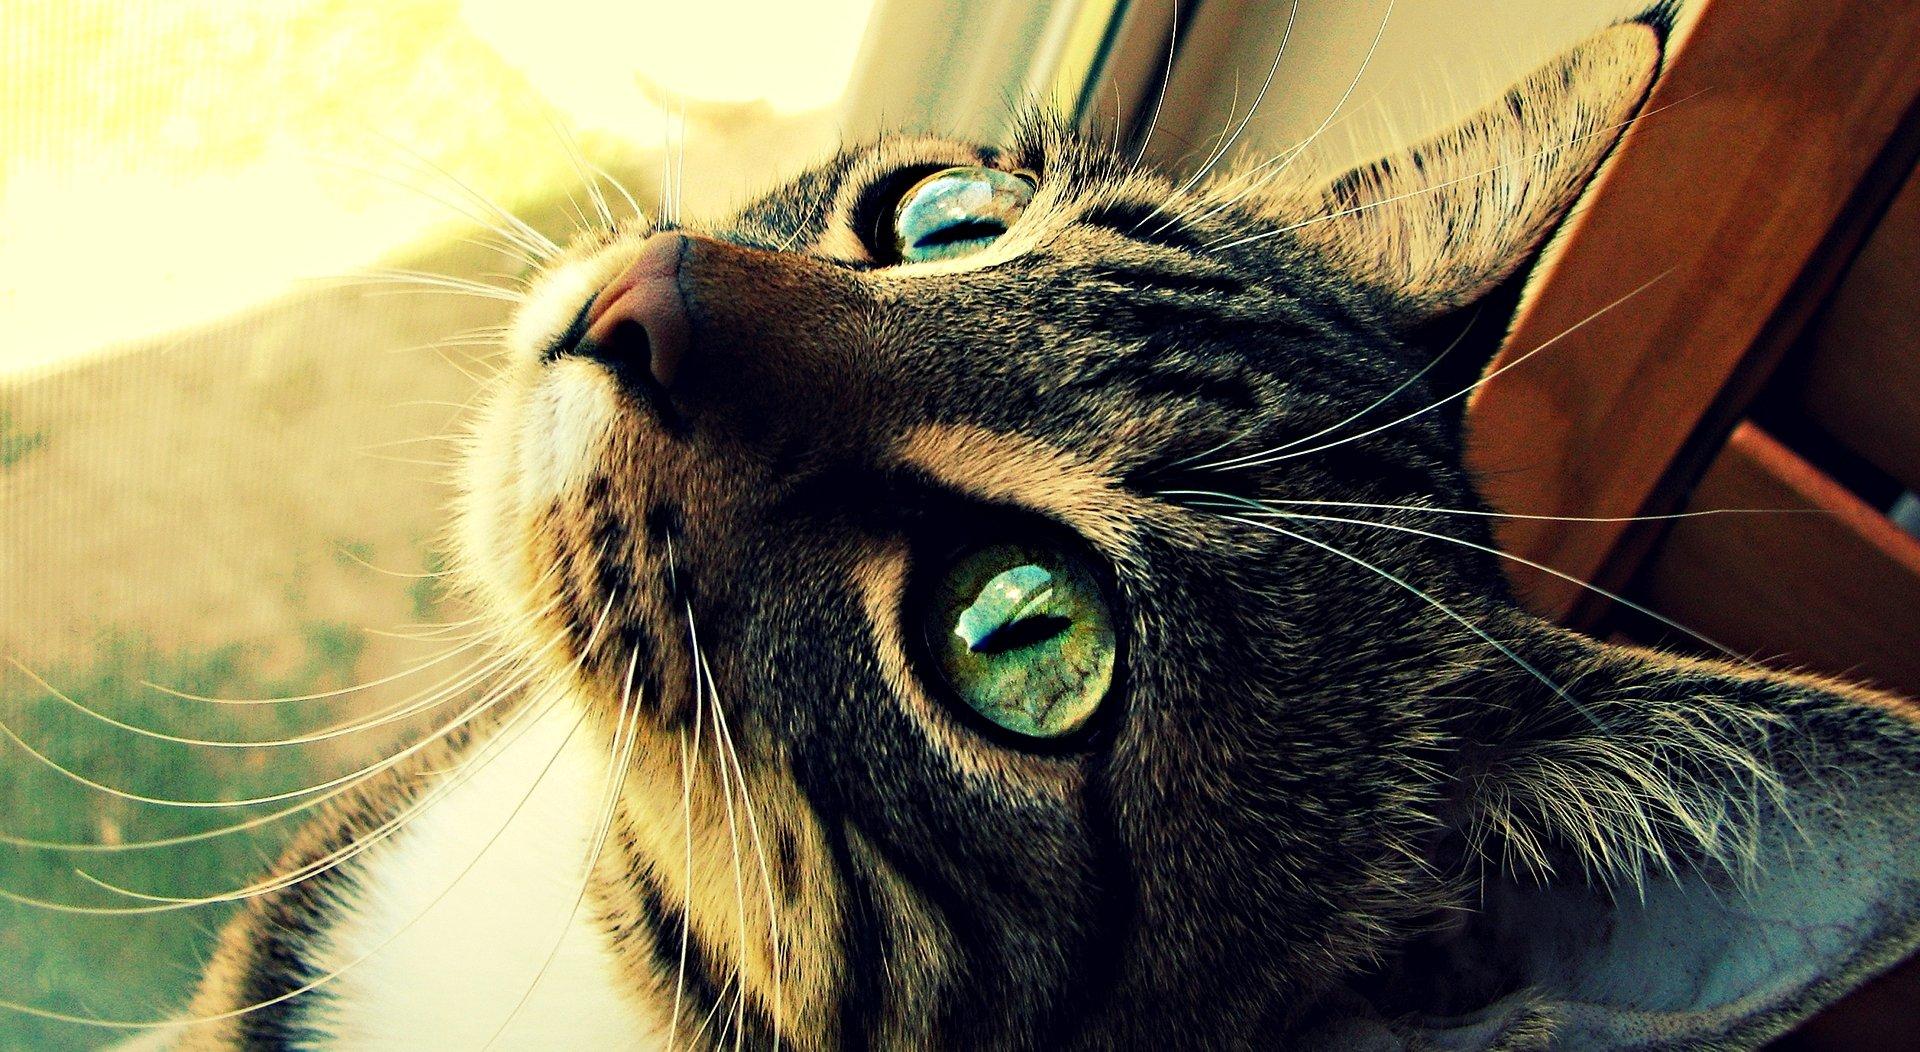 Байрам, коты картинки на аву